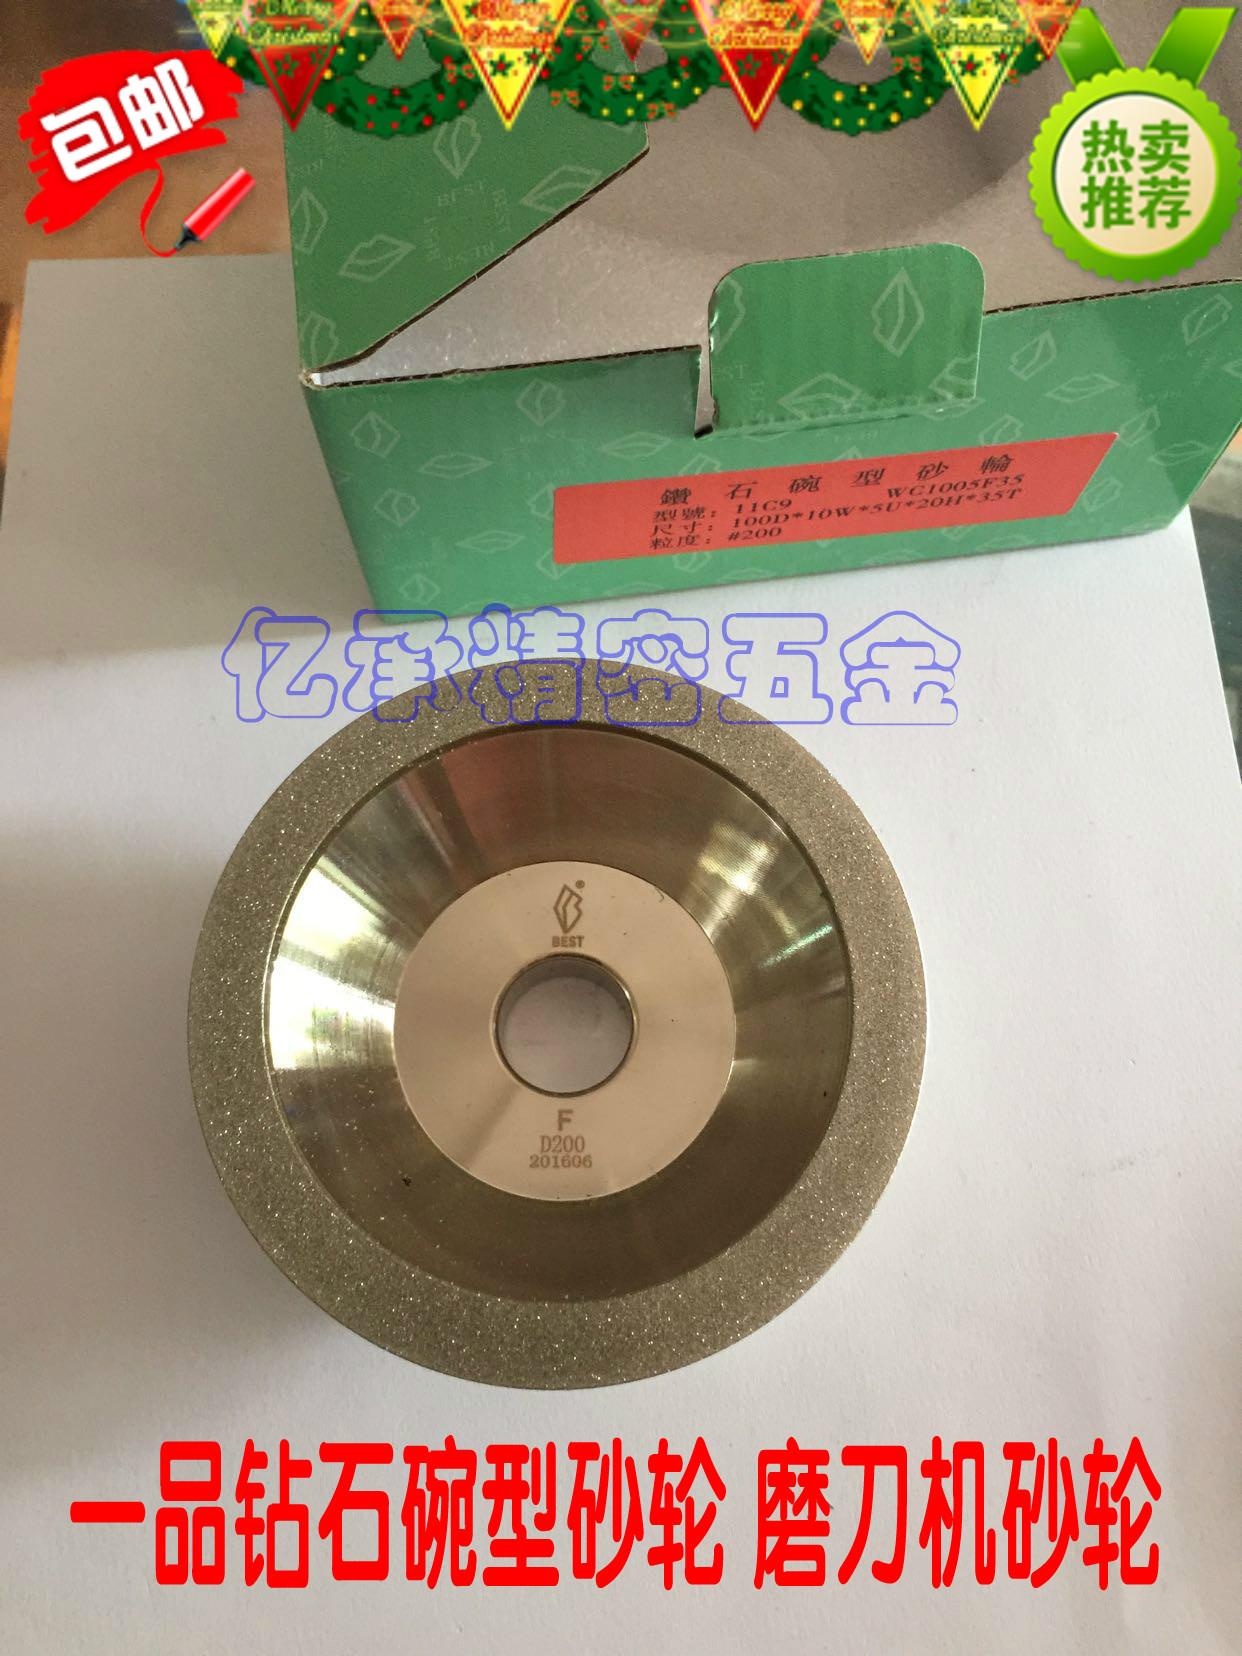 100Dx10Wx5Ux20Hx35T muelas de afilar la calidad de un producto de acero de aleación de diamante en forma de Cuenco